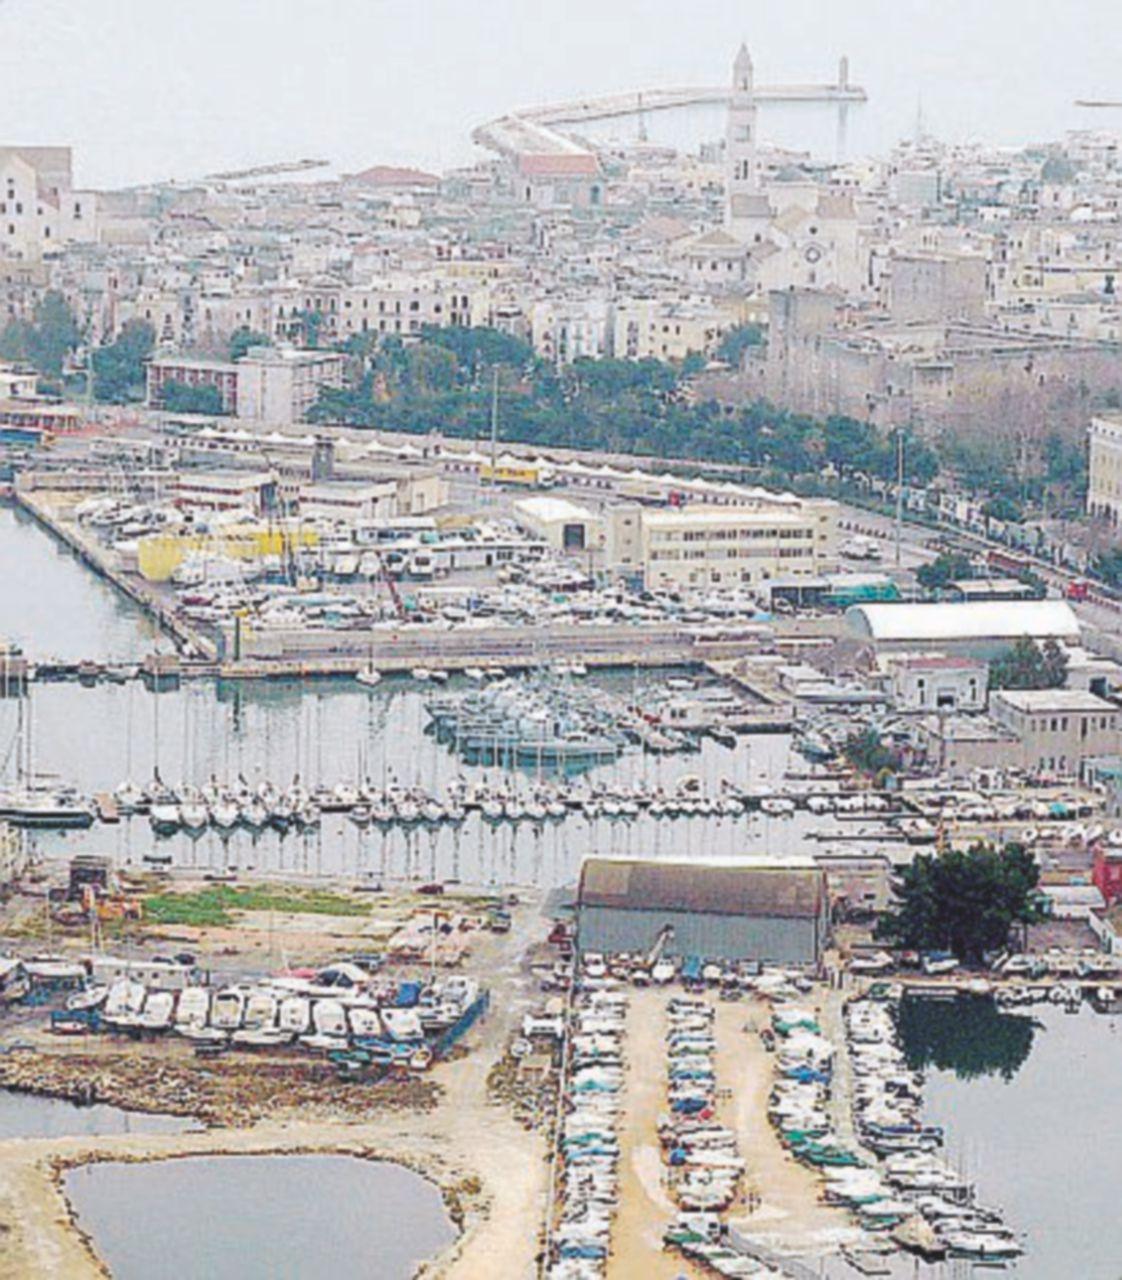 Ragazza attirata in una trappola al porto e violentata dal branco